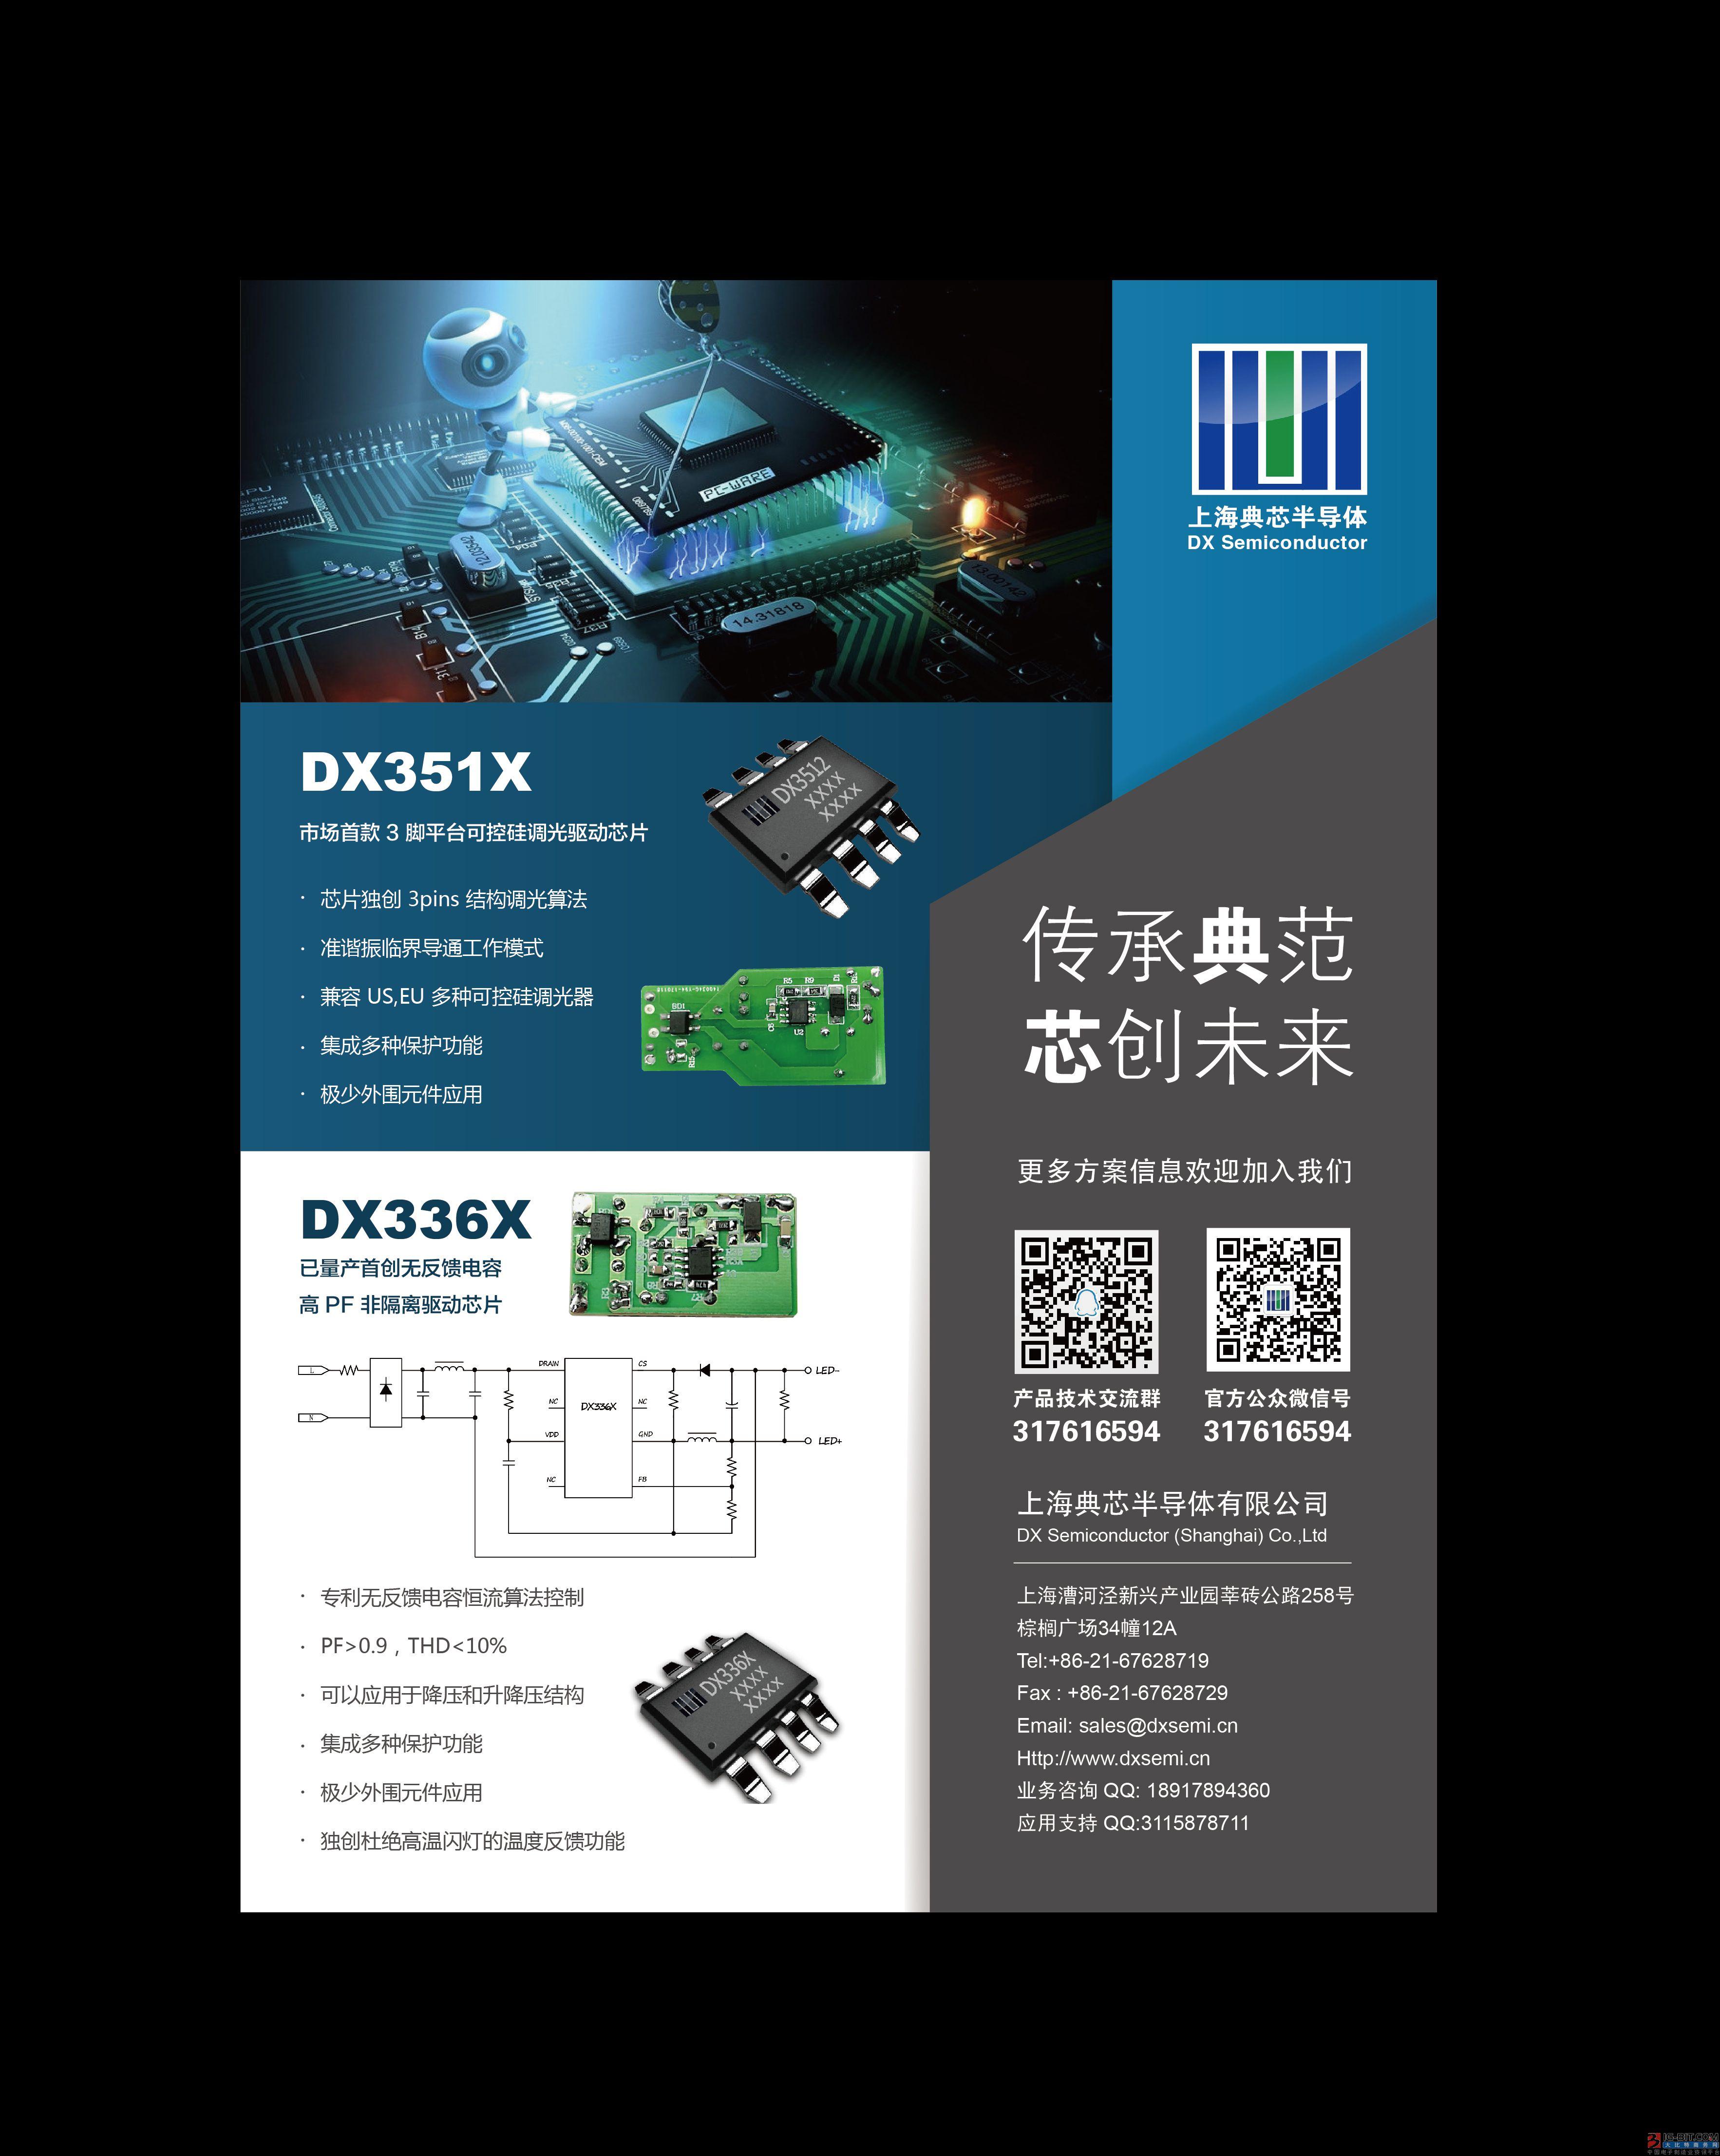 市场首款、极优性能三脚可控硅调光驱动芯片:DX3512